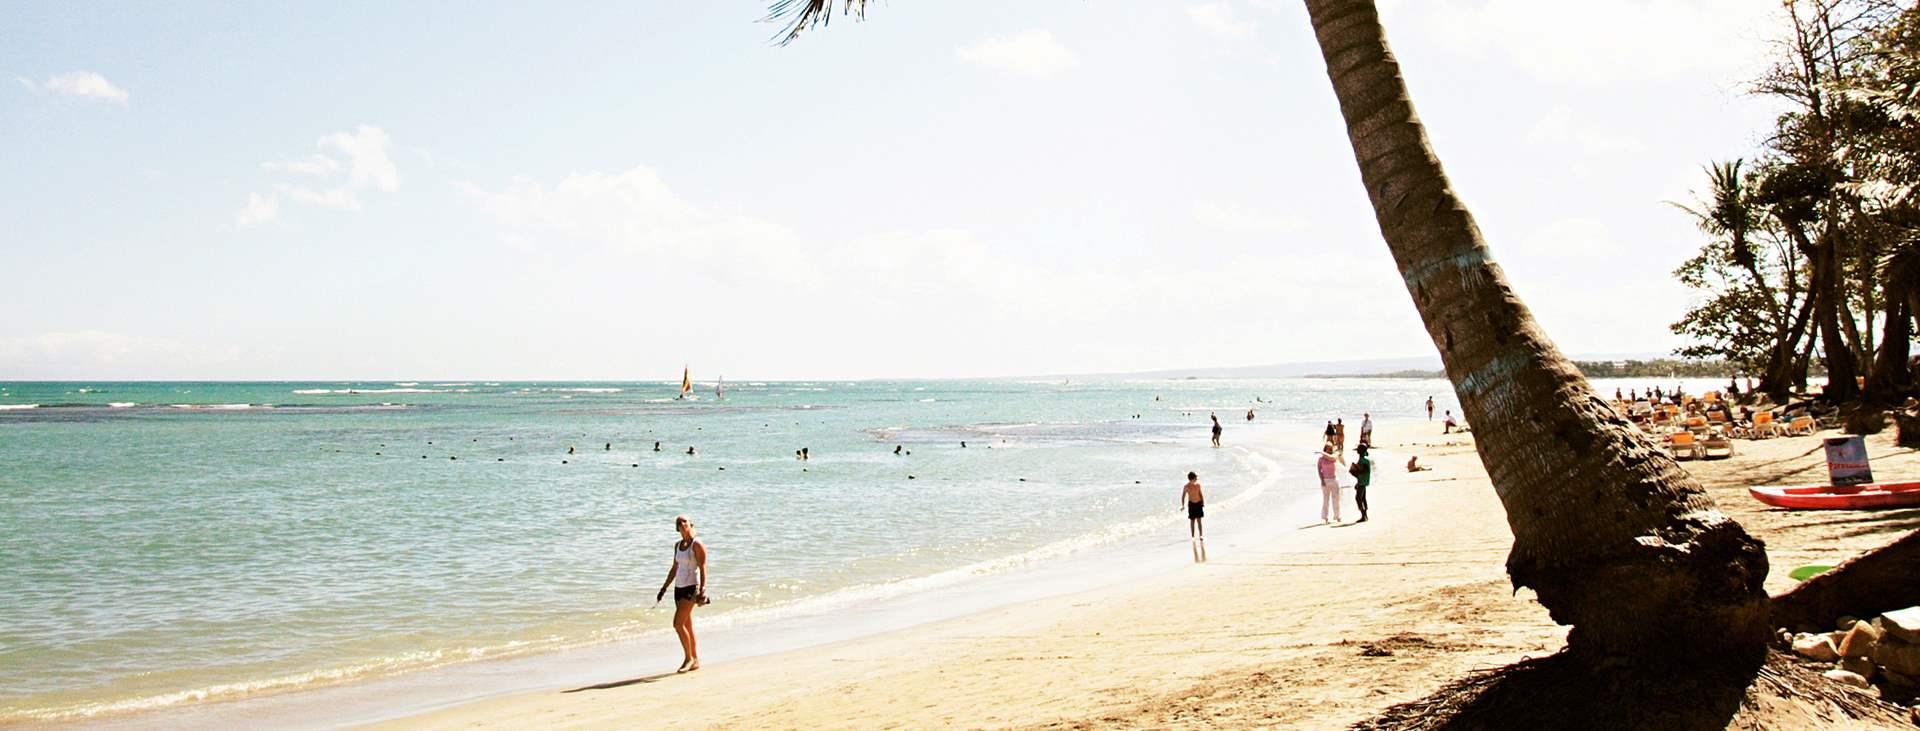 Boka en resa till Playa Dorada i Karibien